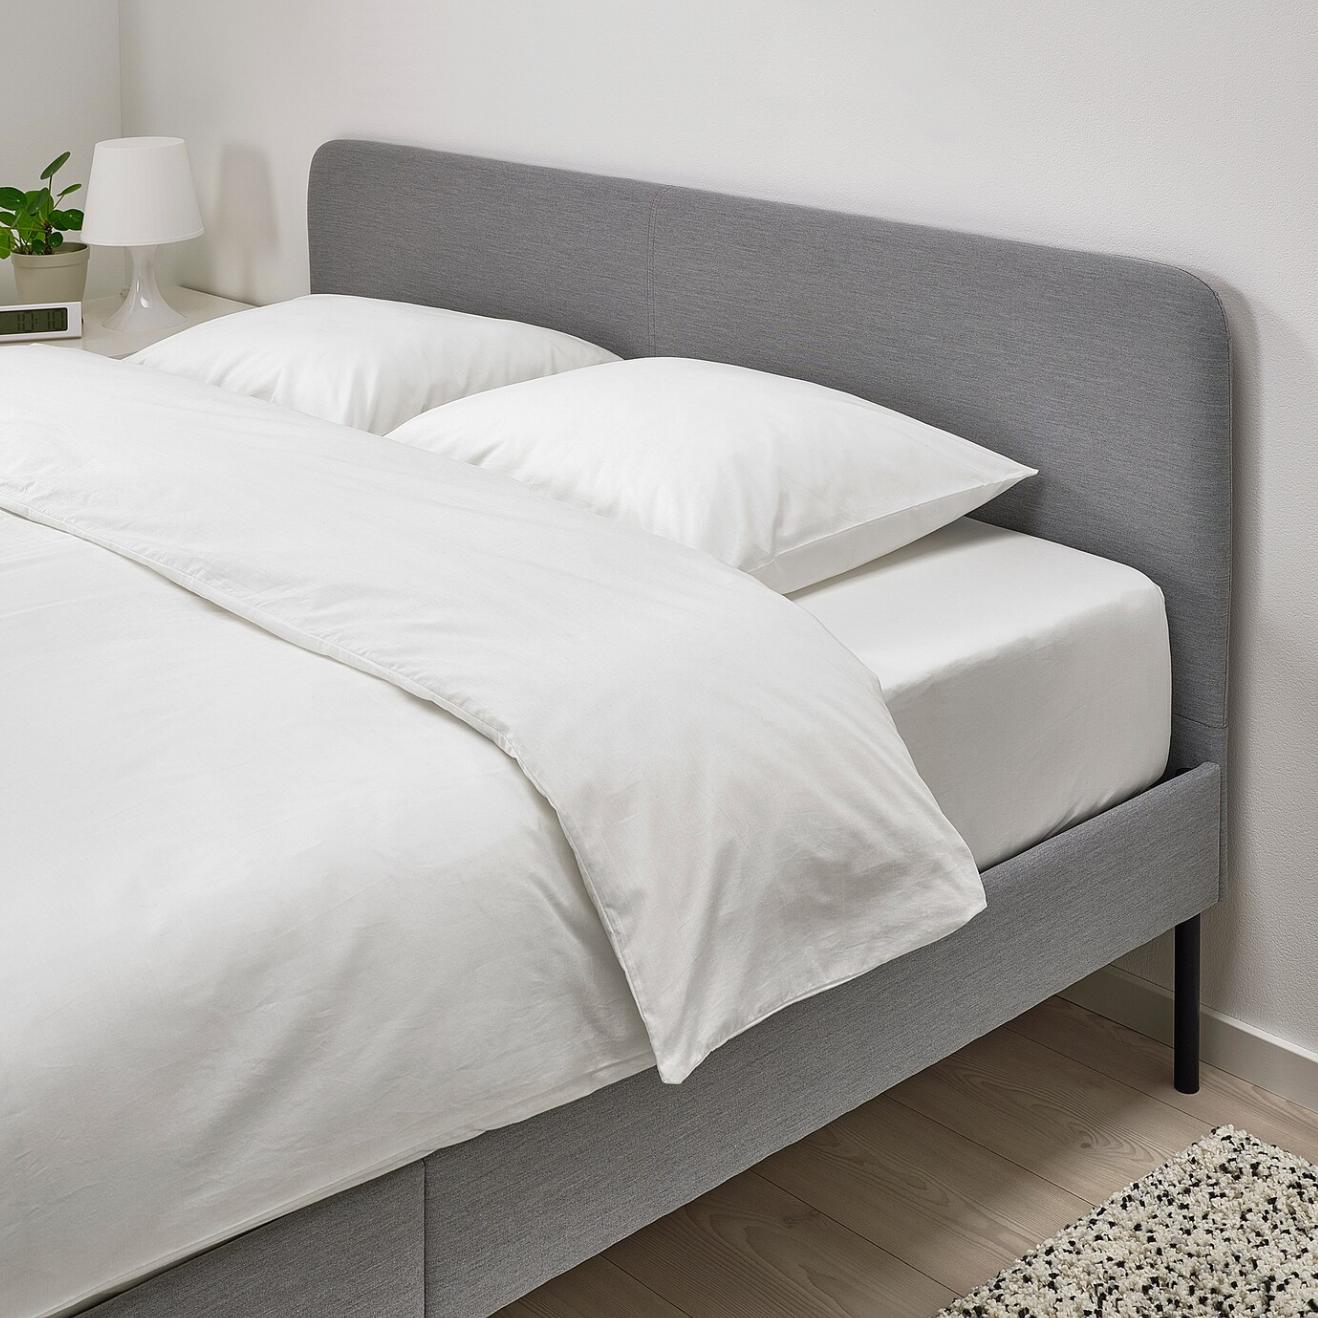 Tete De Lit Ikea Bois les plus belles pièces de la rentrée chez ikea | blog